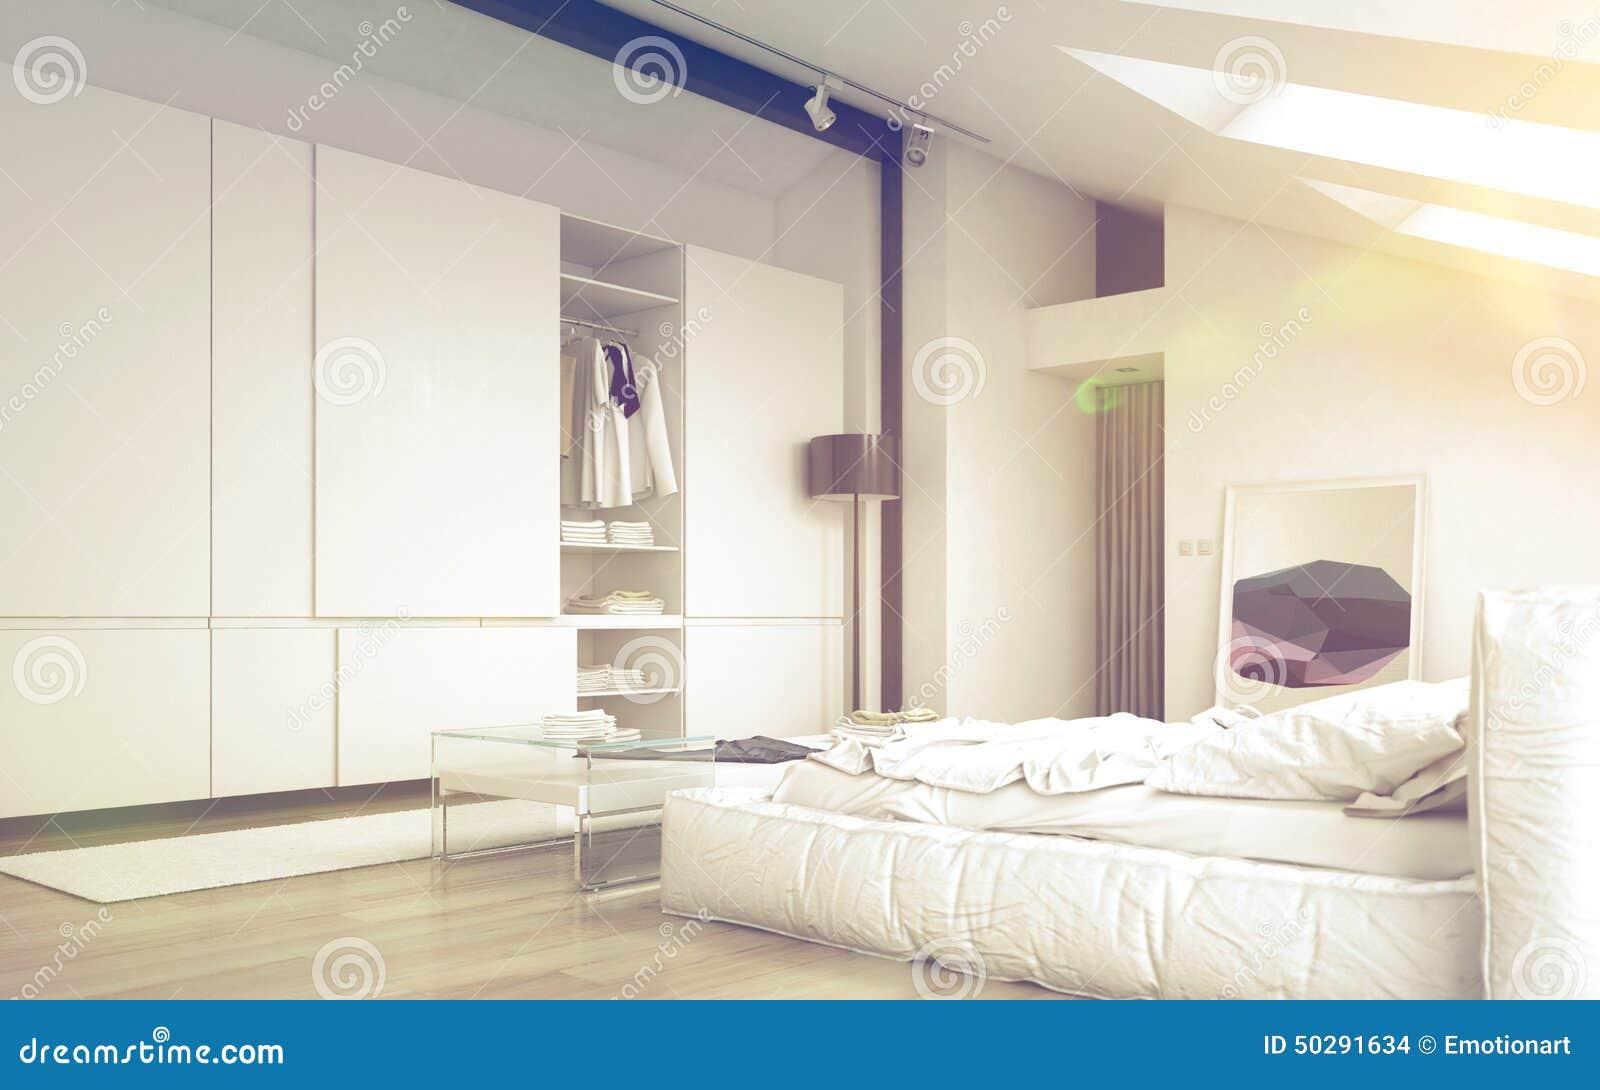 Camere Da Sogno Fine Living : Progettazione bianca architettonica illuminata della camera da letto